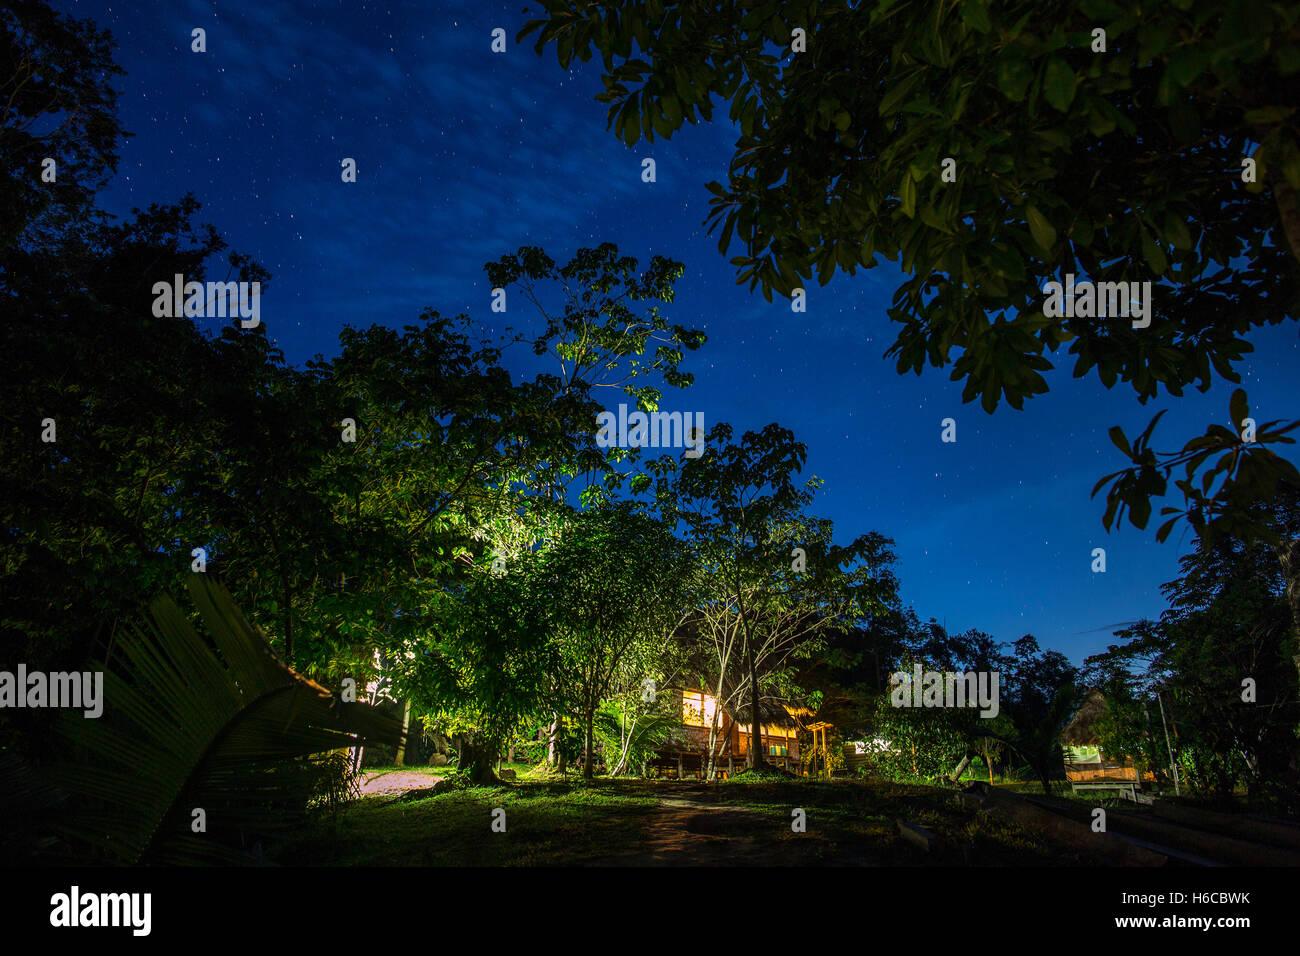 Un shipibo ayahuasca planta centro de curación de la medicina en la amazonía peruana por la noche. Foto de stock